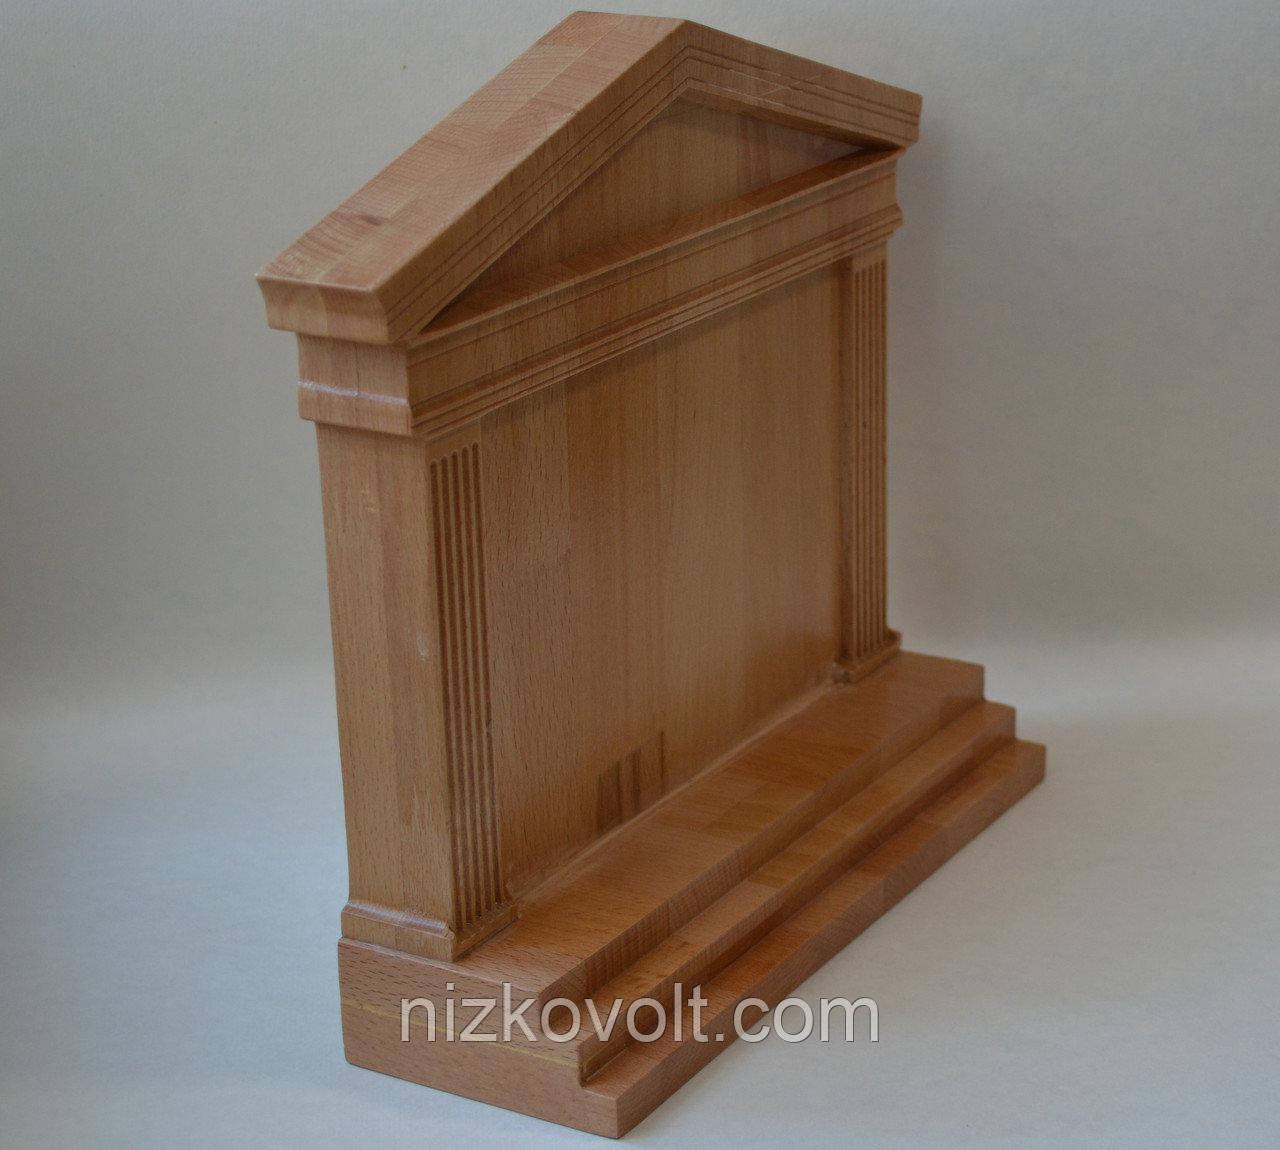 Аксессуар для камина Домик для камина (300х238х96)